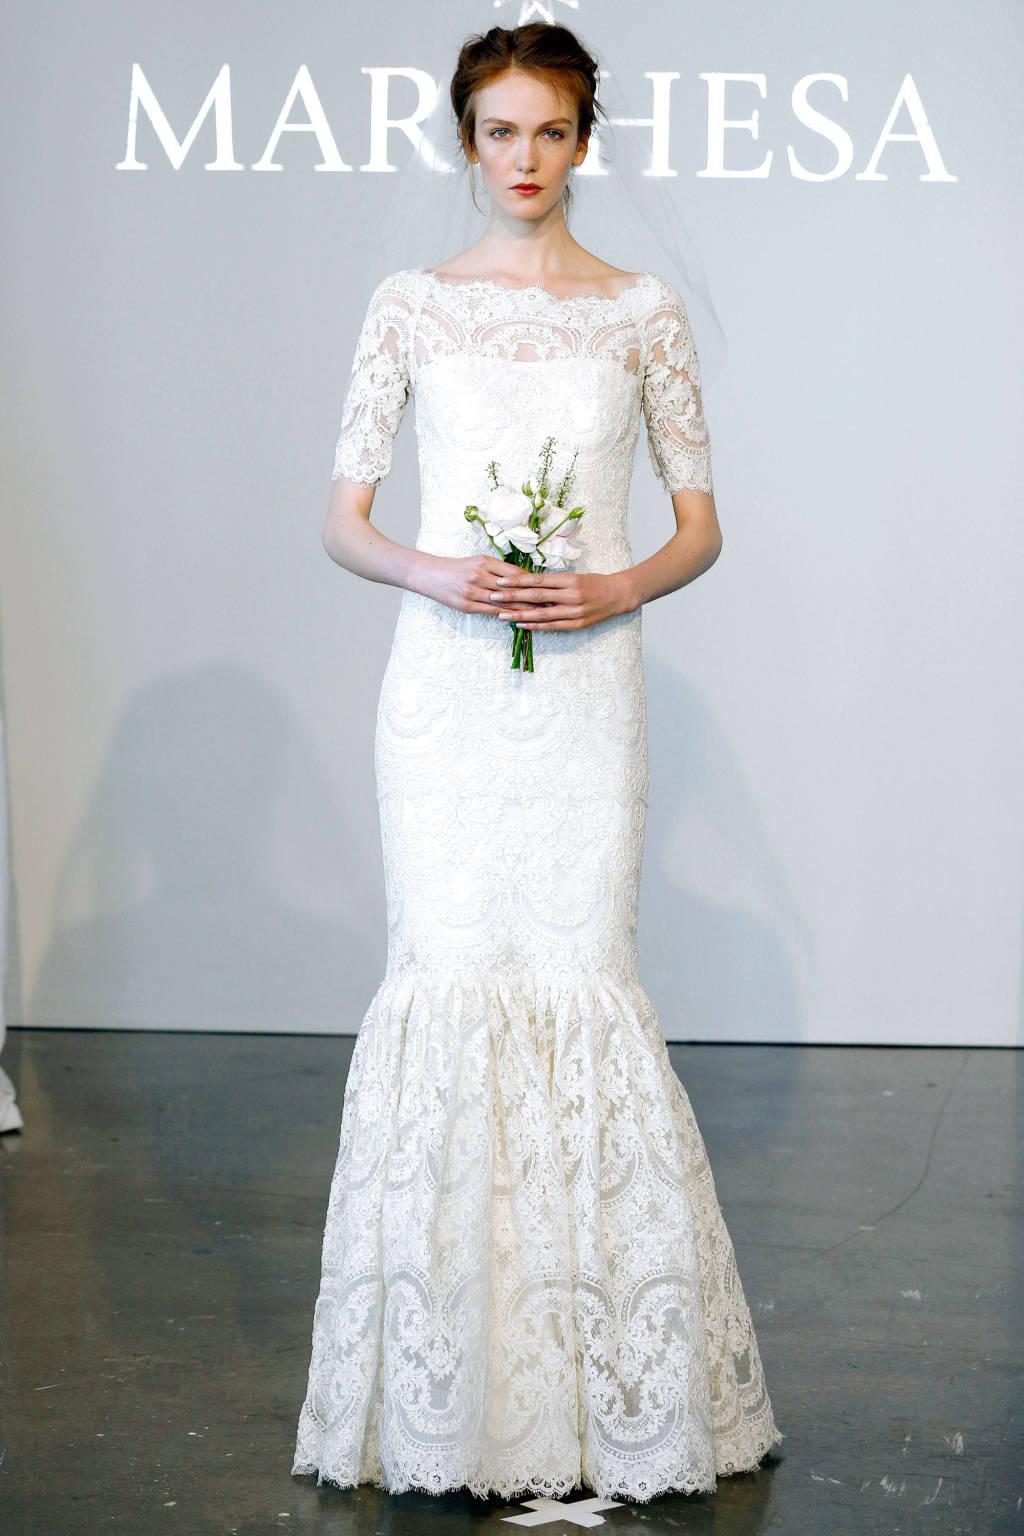 Nhà Marchesa lại tôn vinh nét đẹp quý tộc sang trọng và tinh tế. Hầu hết các mẫu váy lọt vào top đẹp nhất thế giới của nhà Marchesa đều khá kín đáo với phần vai và tay đáp ren.